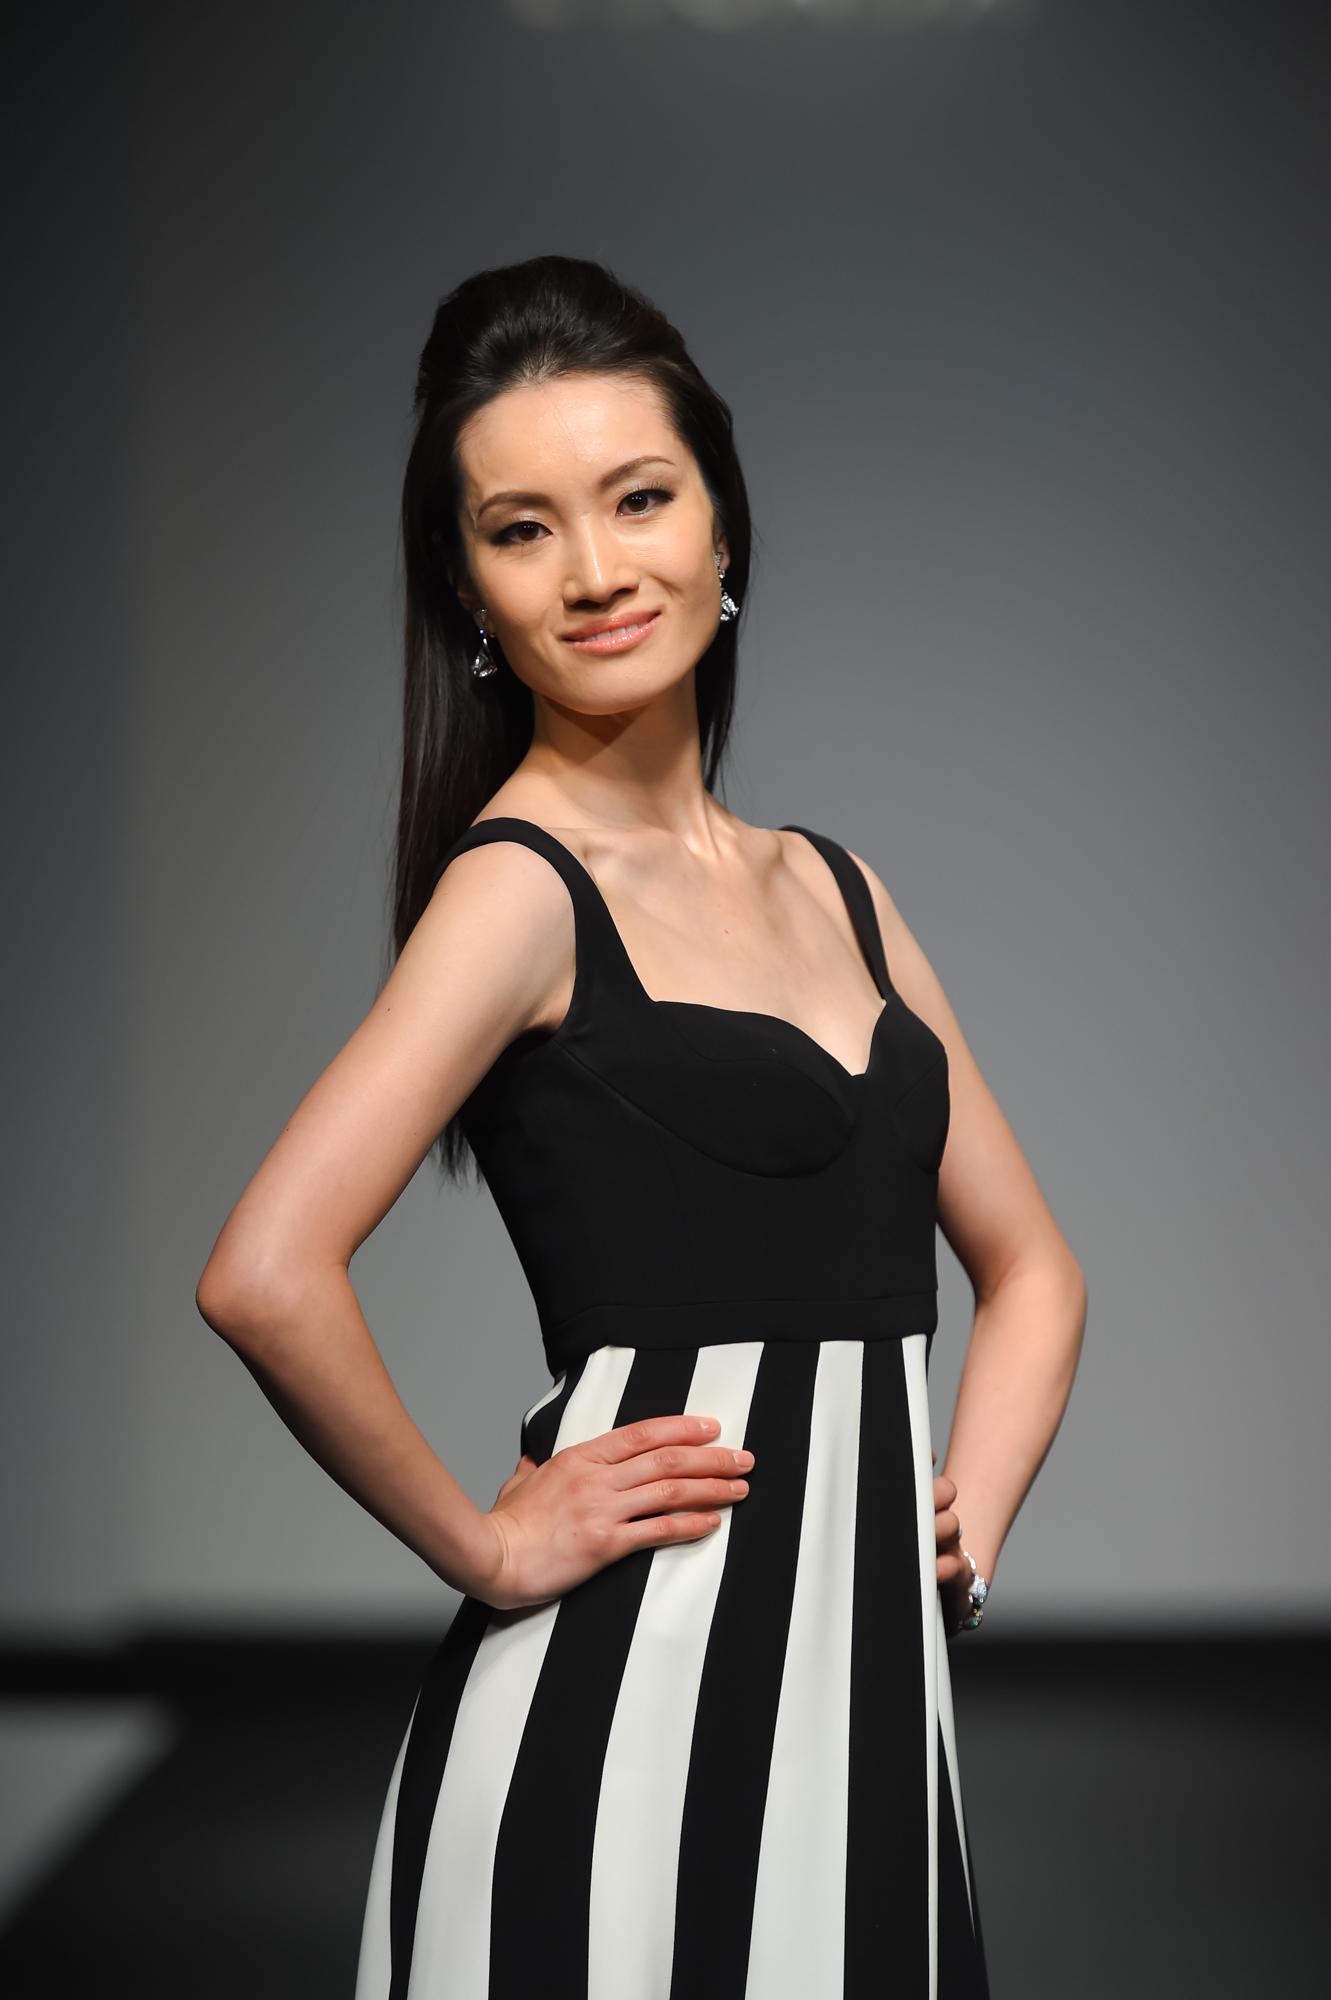 荒川静香、ファッションショーで堂々のランウエー 羽生結弦の「挑戦し続ける姿を尊敬する」